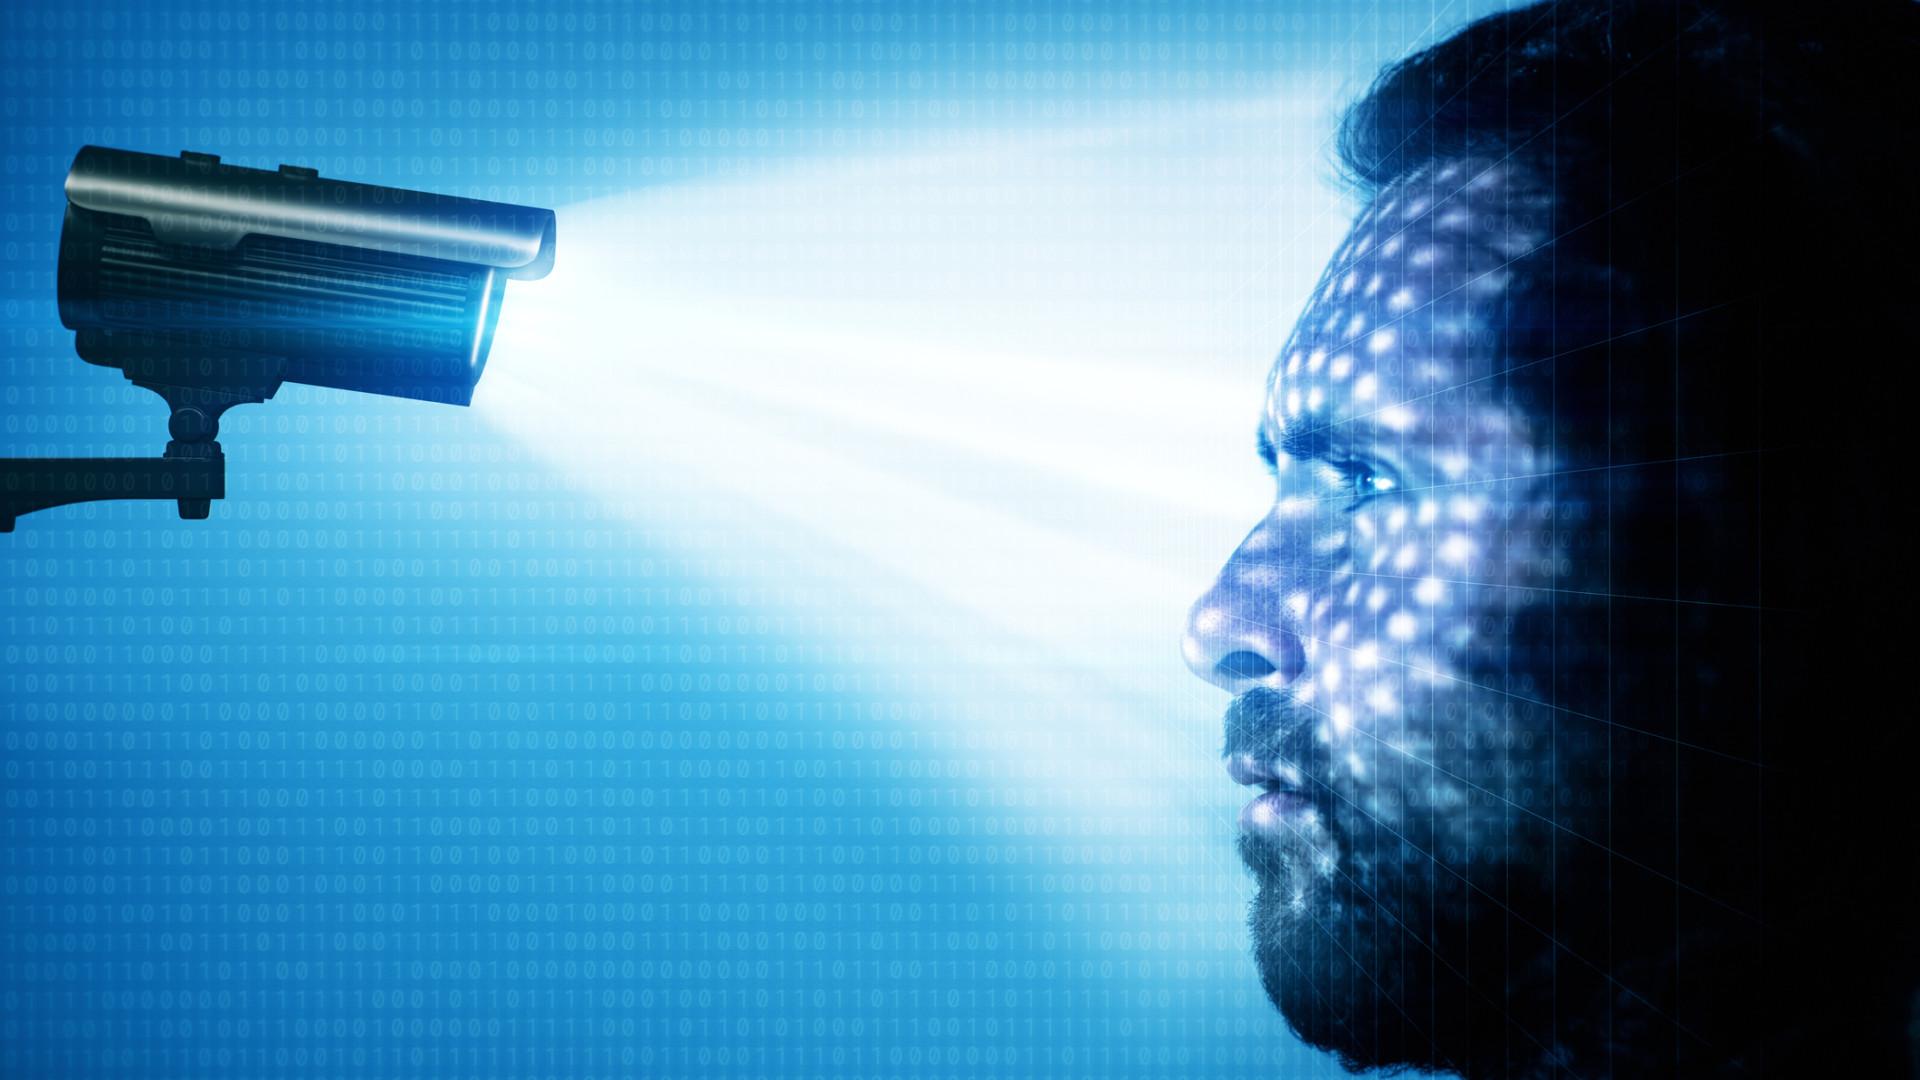 Reconhecimento facial pode detectar orientação política, diz estudo